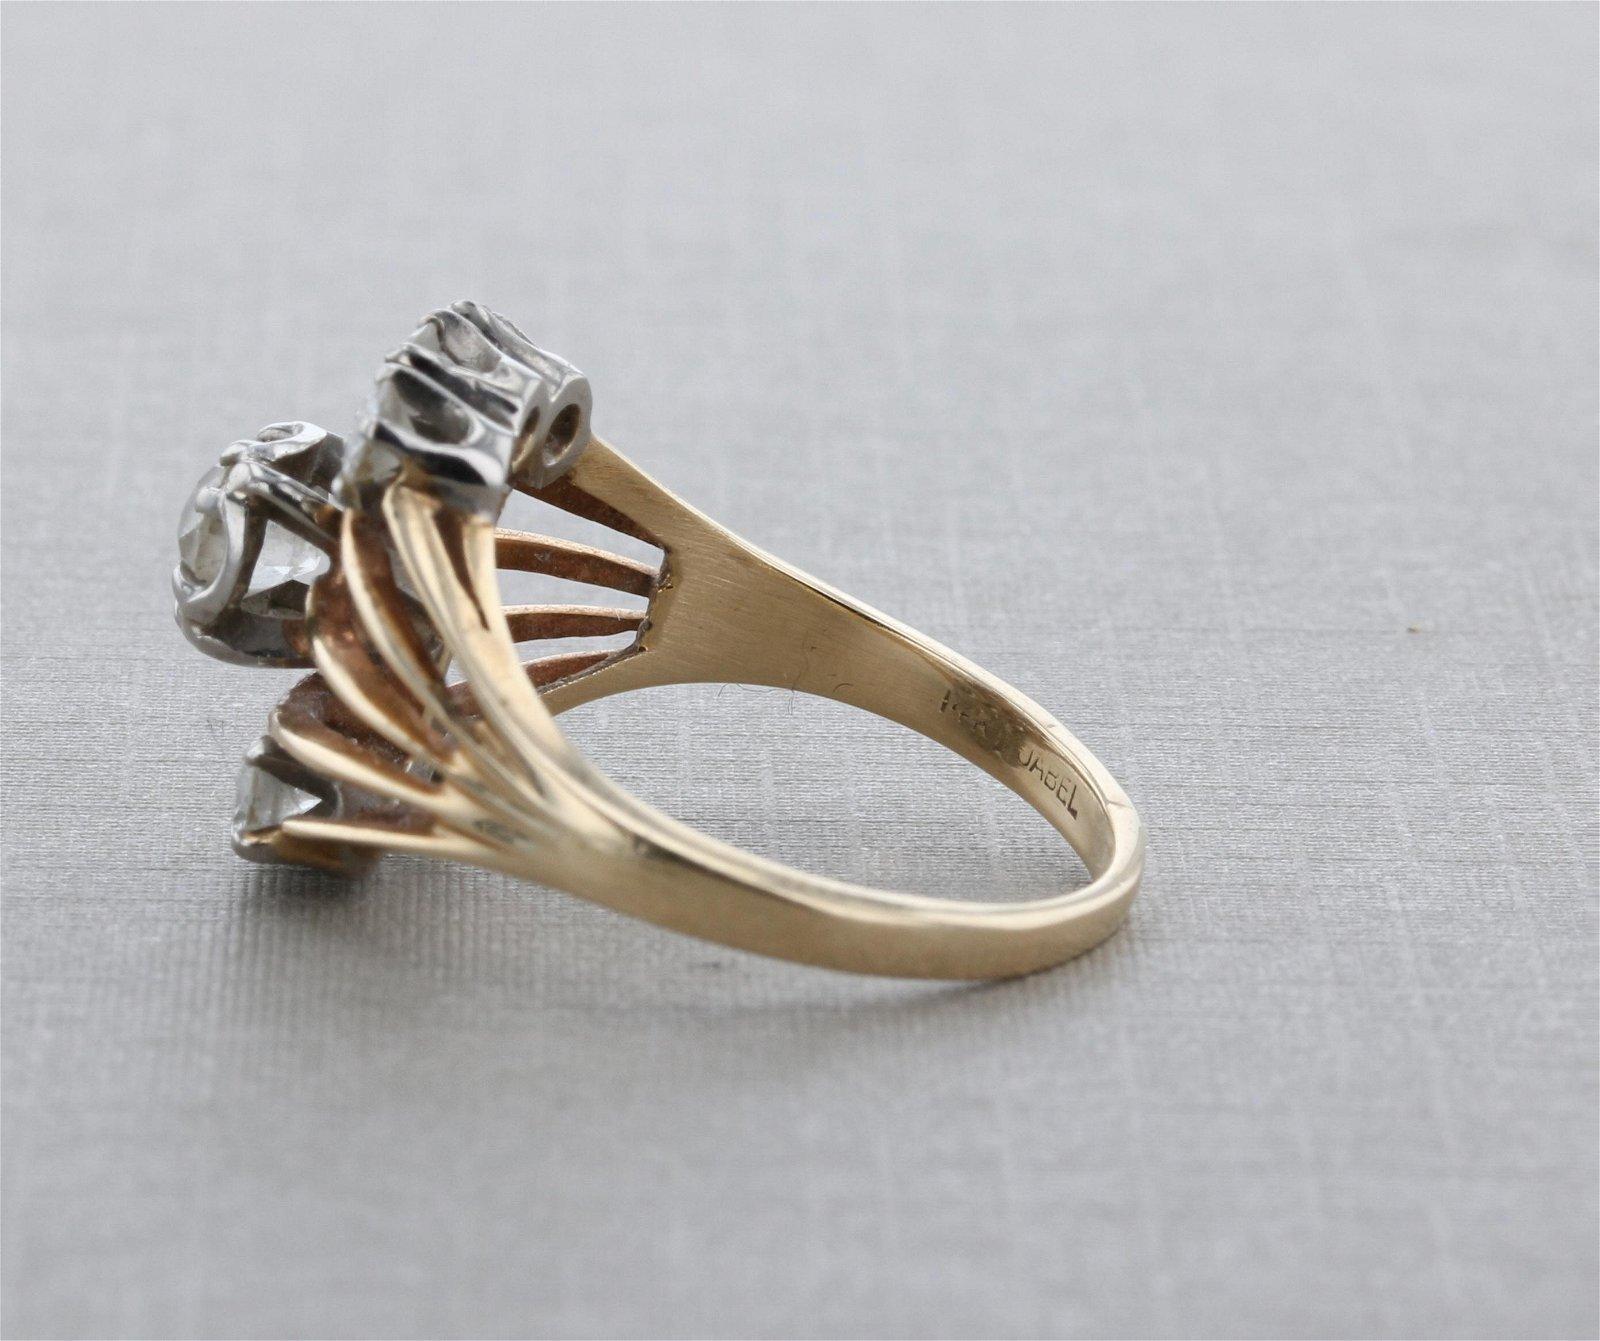 14K YG Diamond Ring, about 75 pt tdw